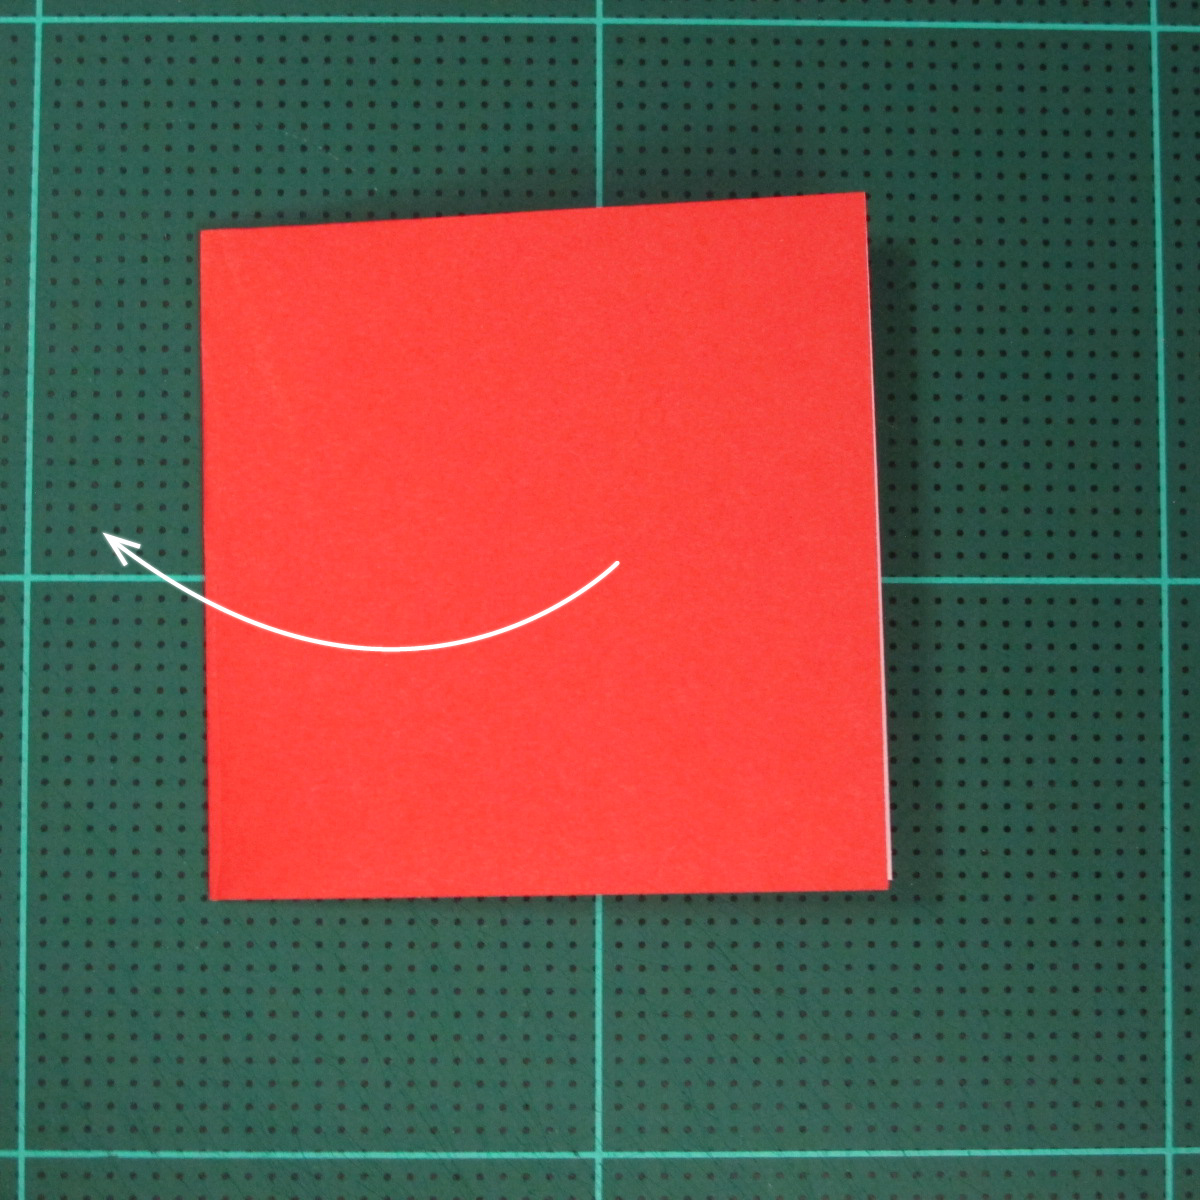 วิธีการพับกระดาษเป็นรูปเปียโน (Origami Piano) 003